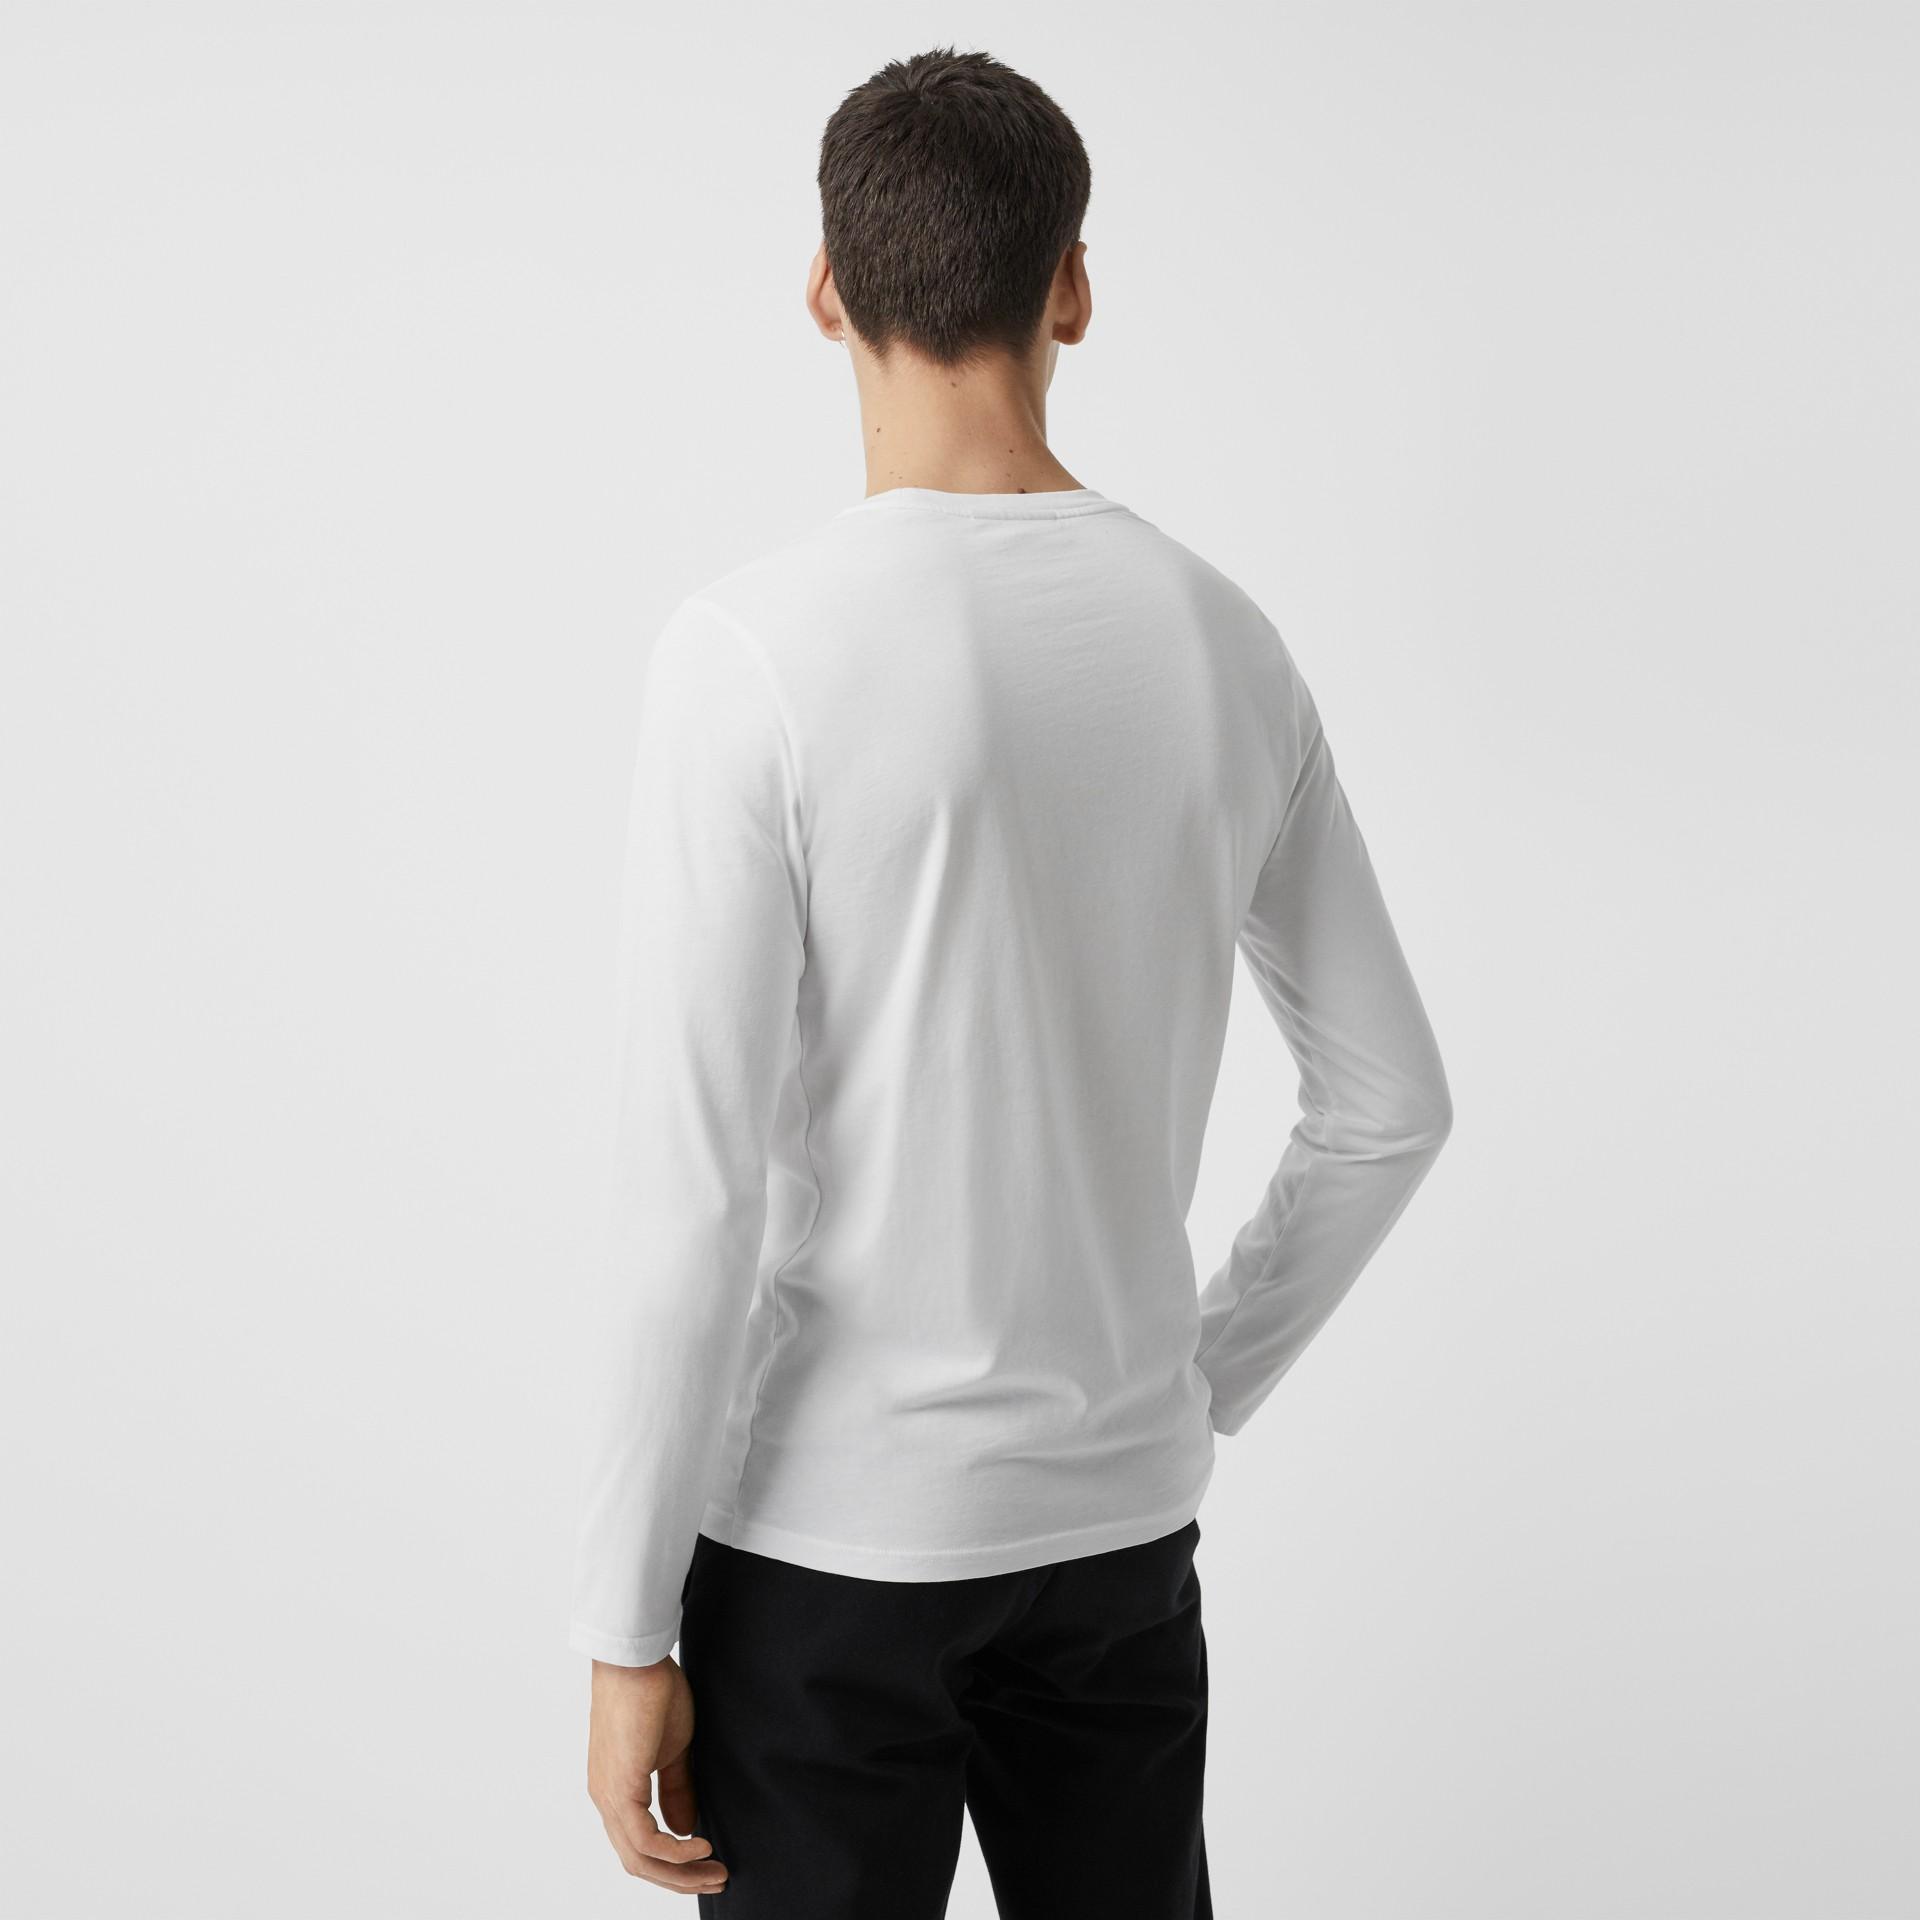 Camiseta de algodão com mangas longas e logotipo bordado (Branco) - Homens | Burberry - galeria de imagens 2